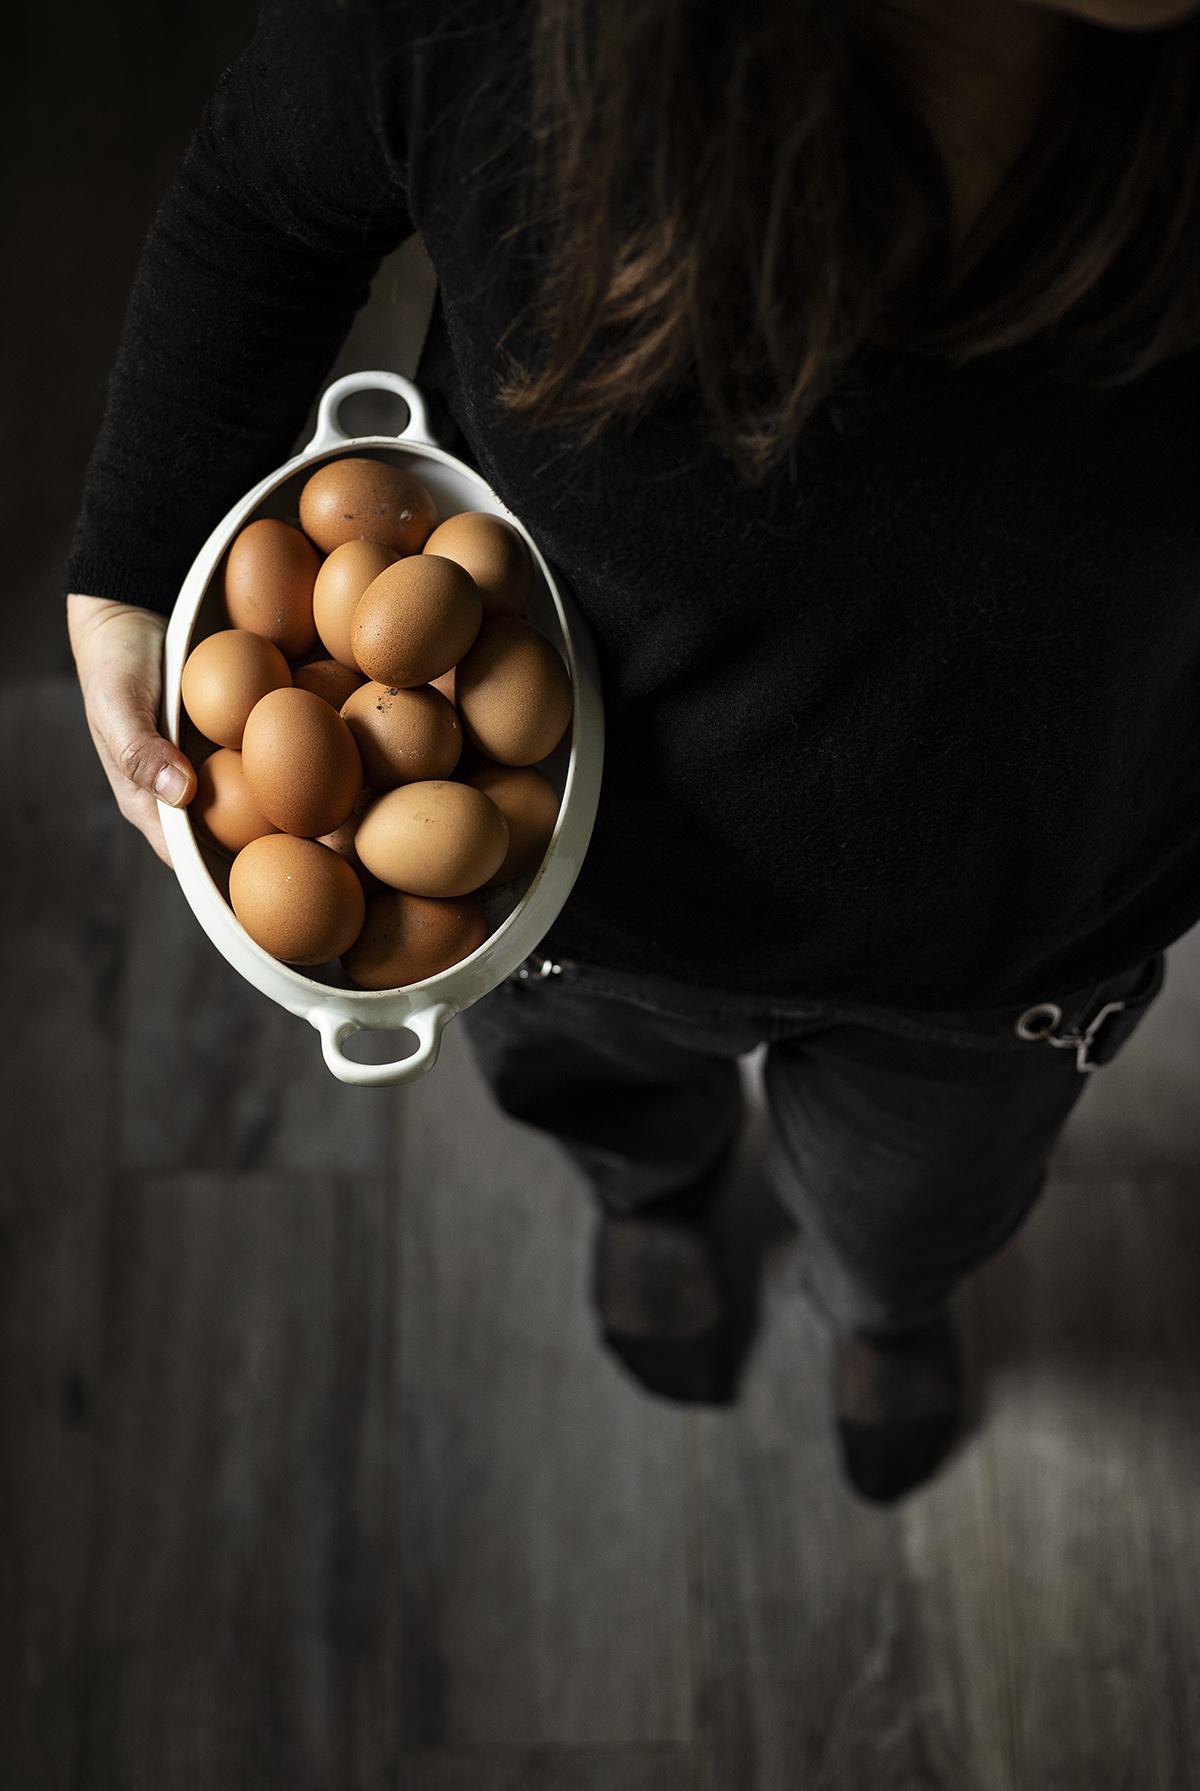 Autoritratto con uova